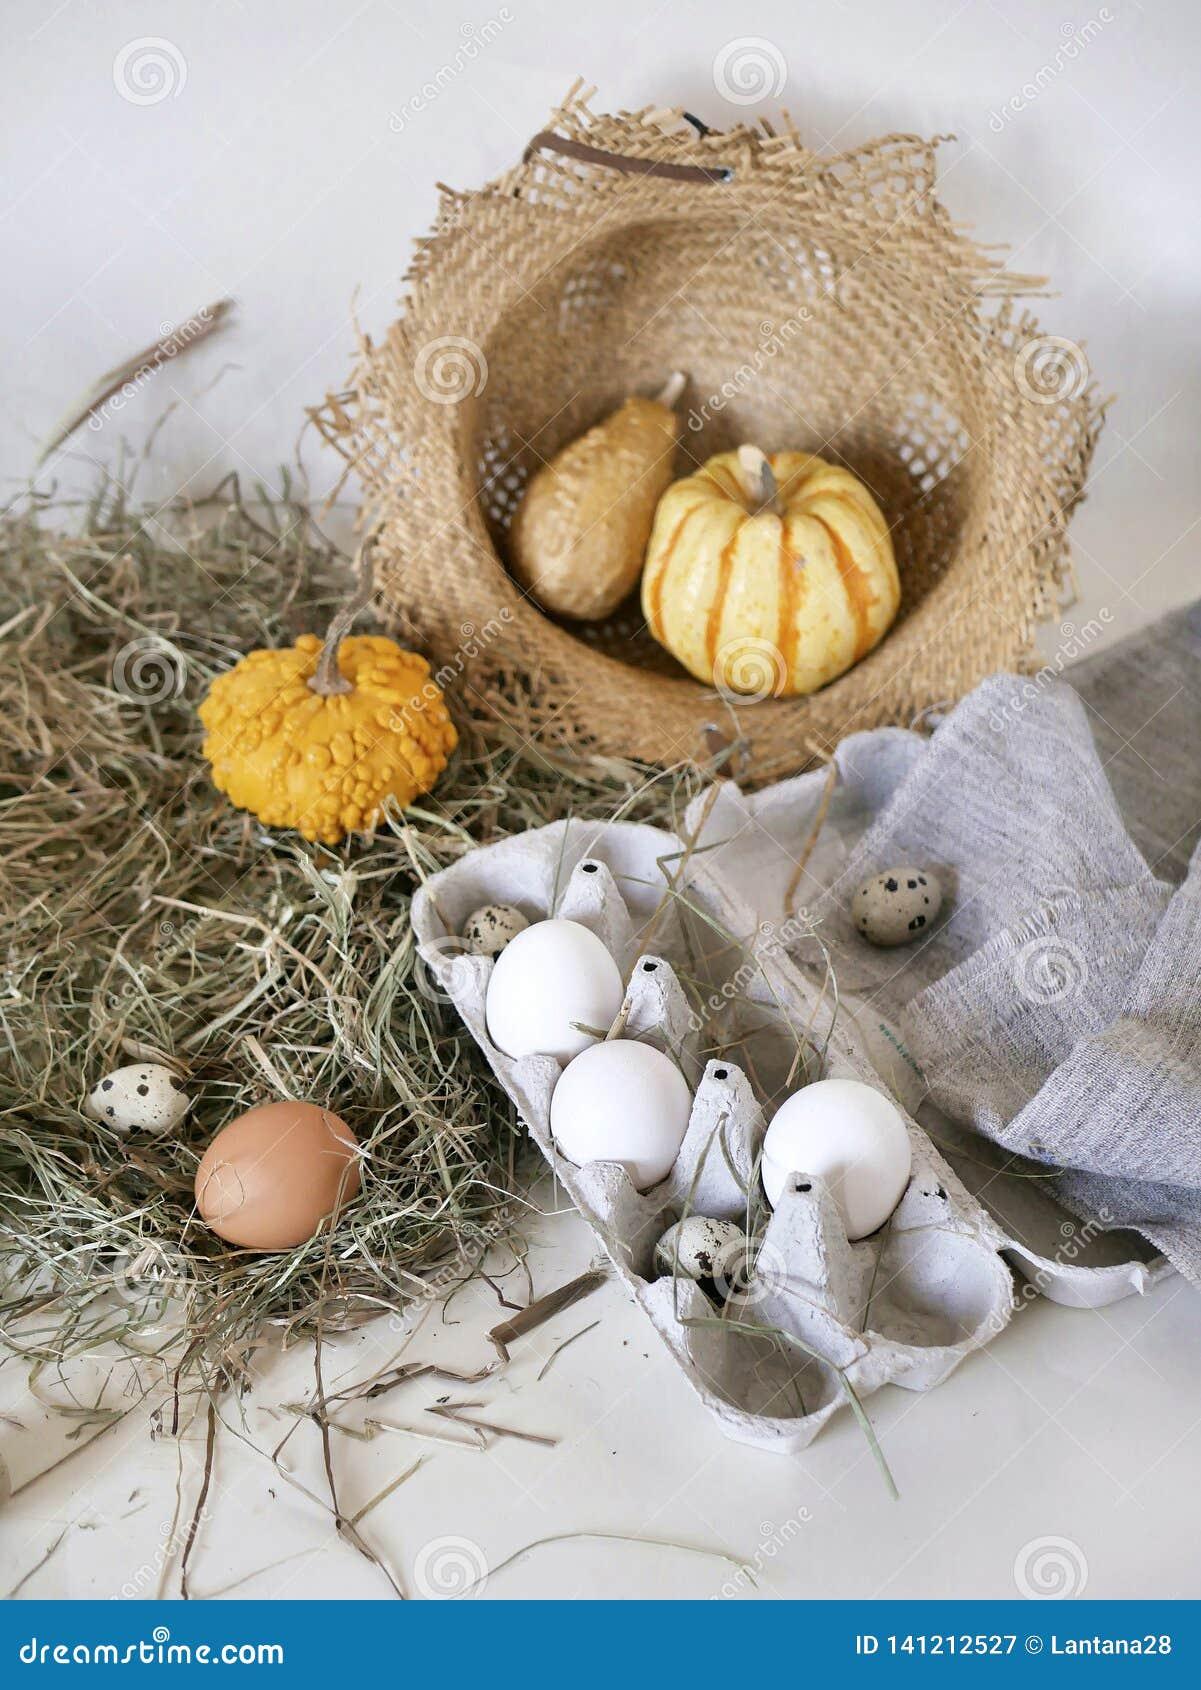 Яйца и яйца триперсток в пакете, тыквы, сено, концепция пасхи, подготовка на праздник, сбор, сезонные праздники